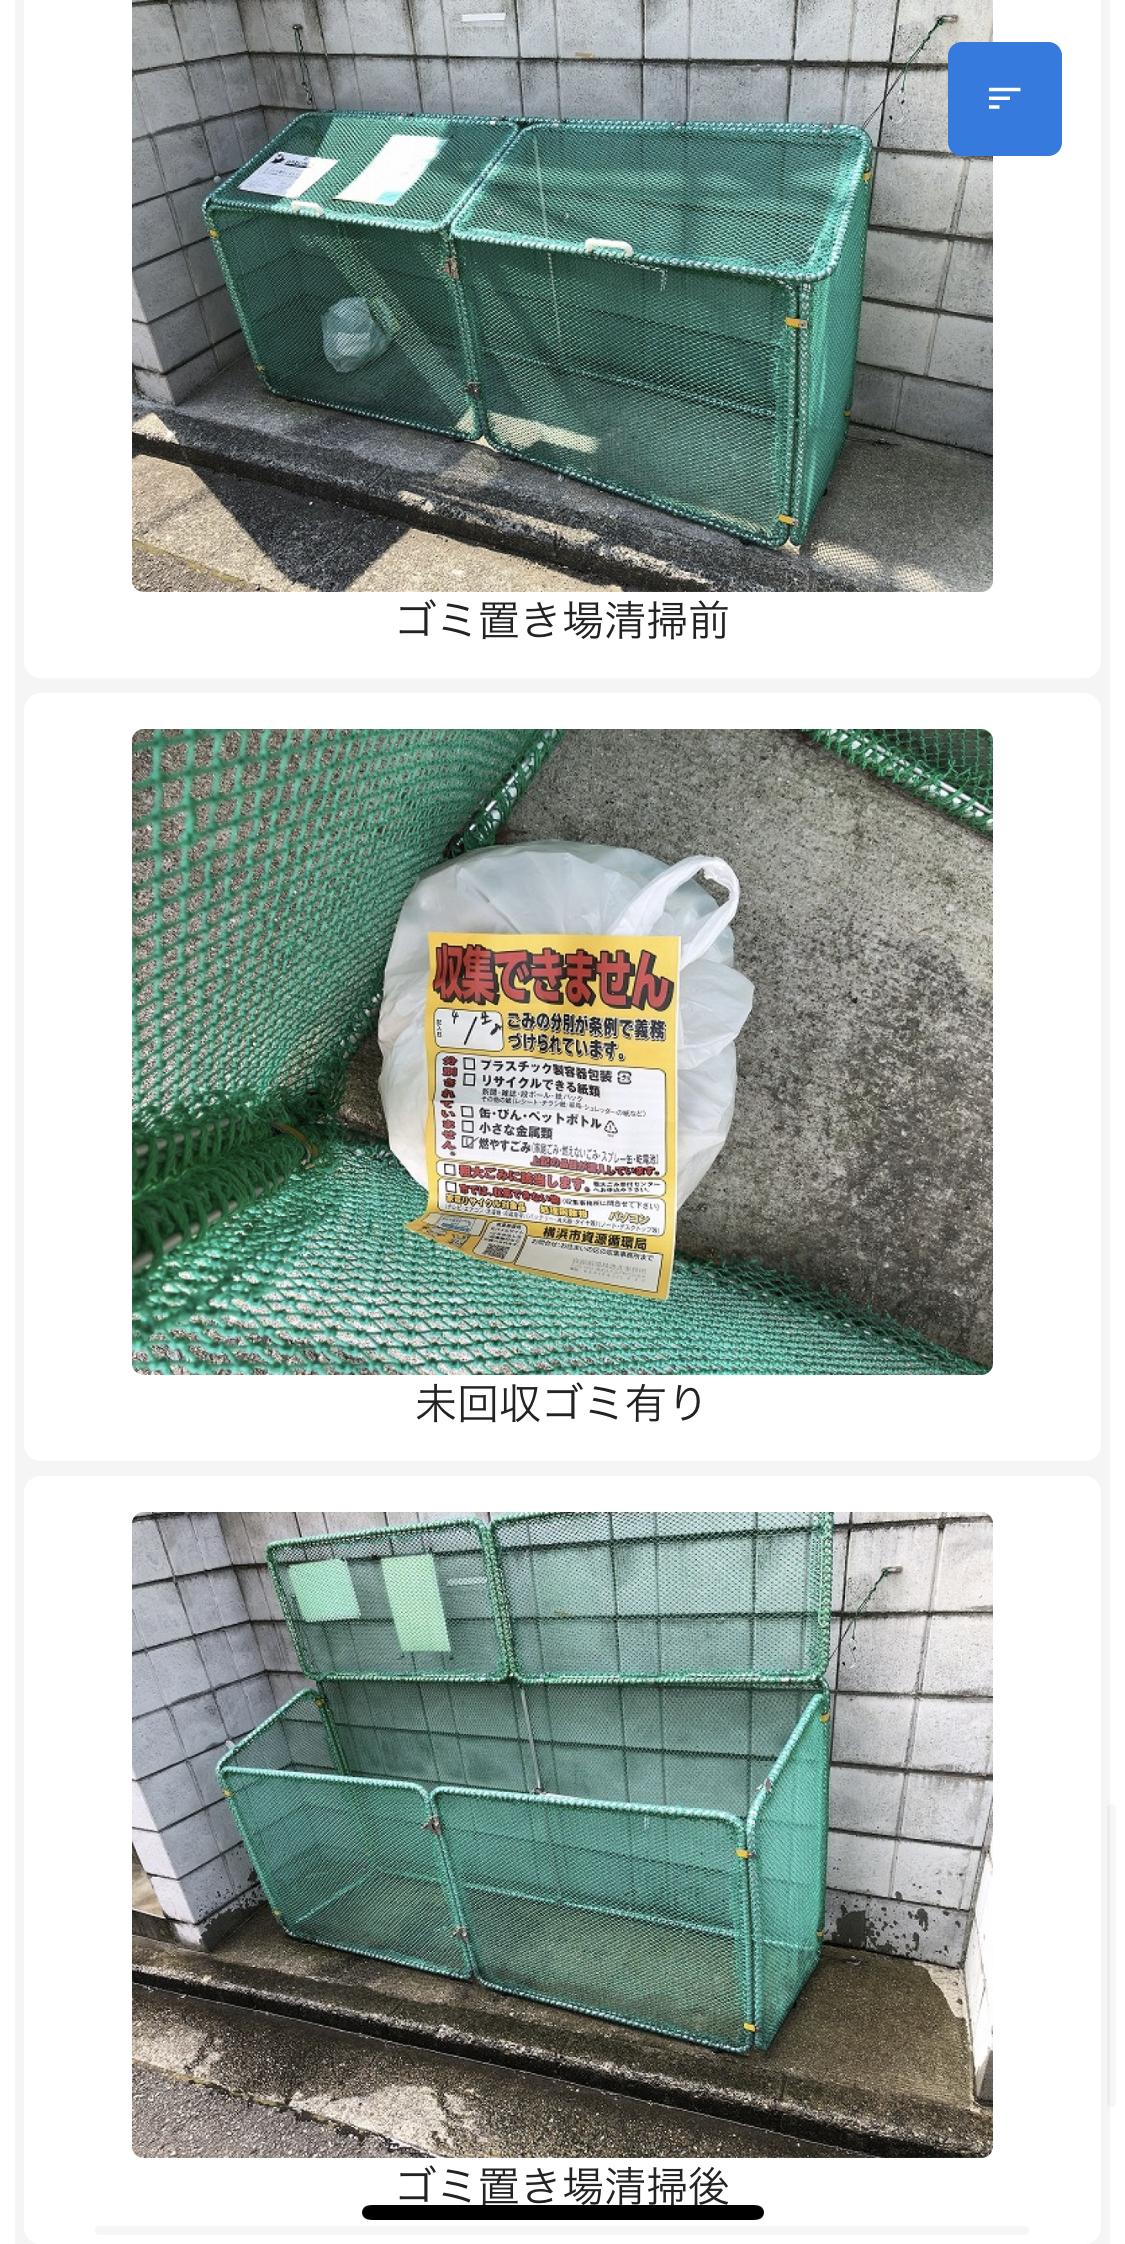 清掃報告(写真②)